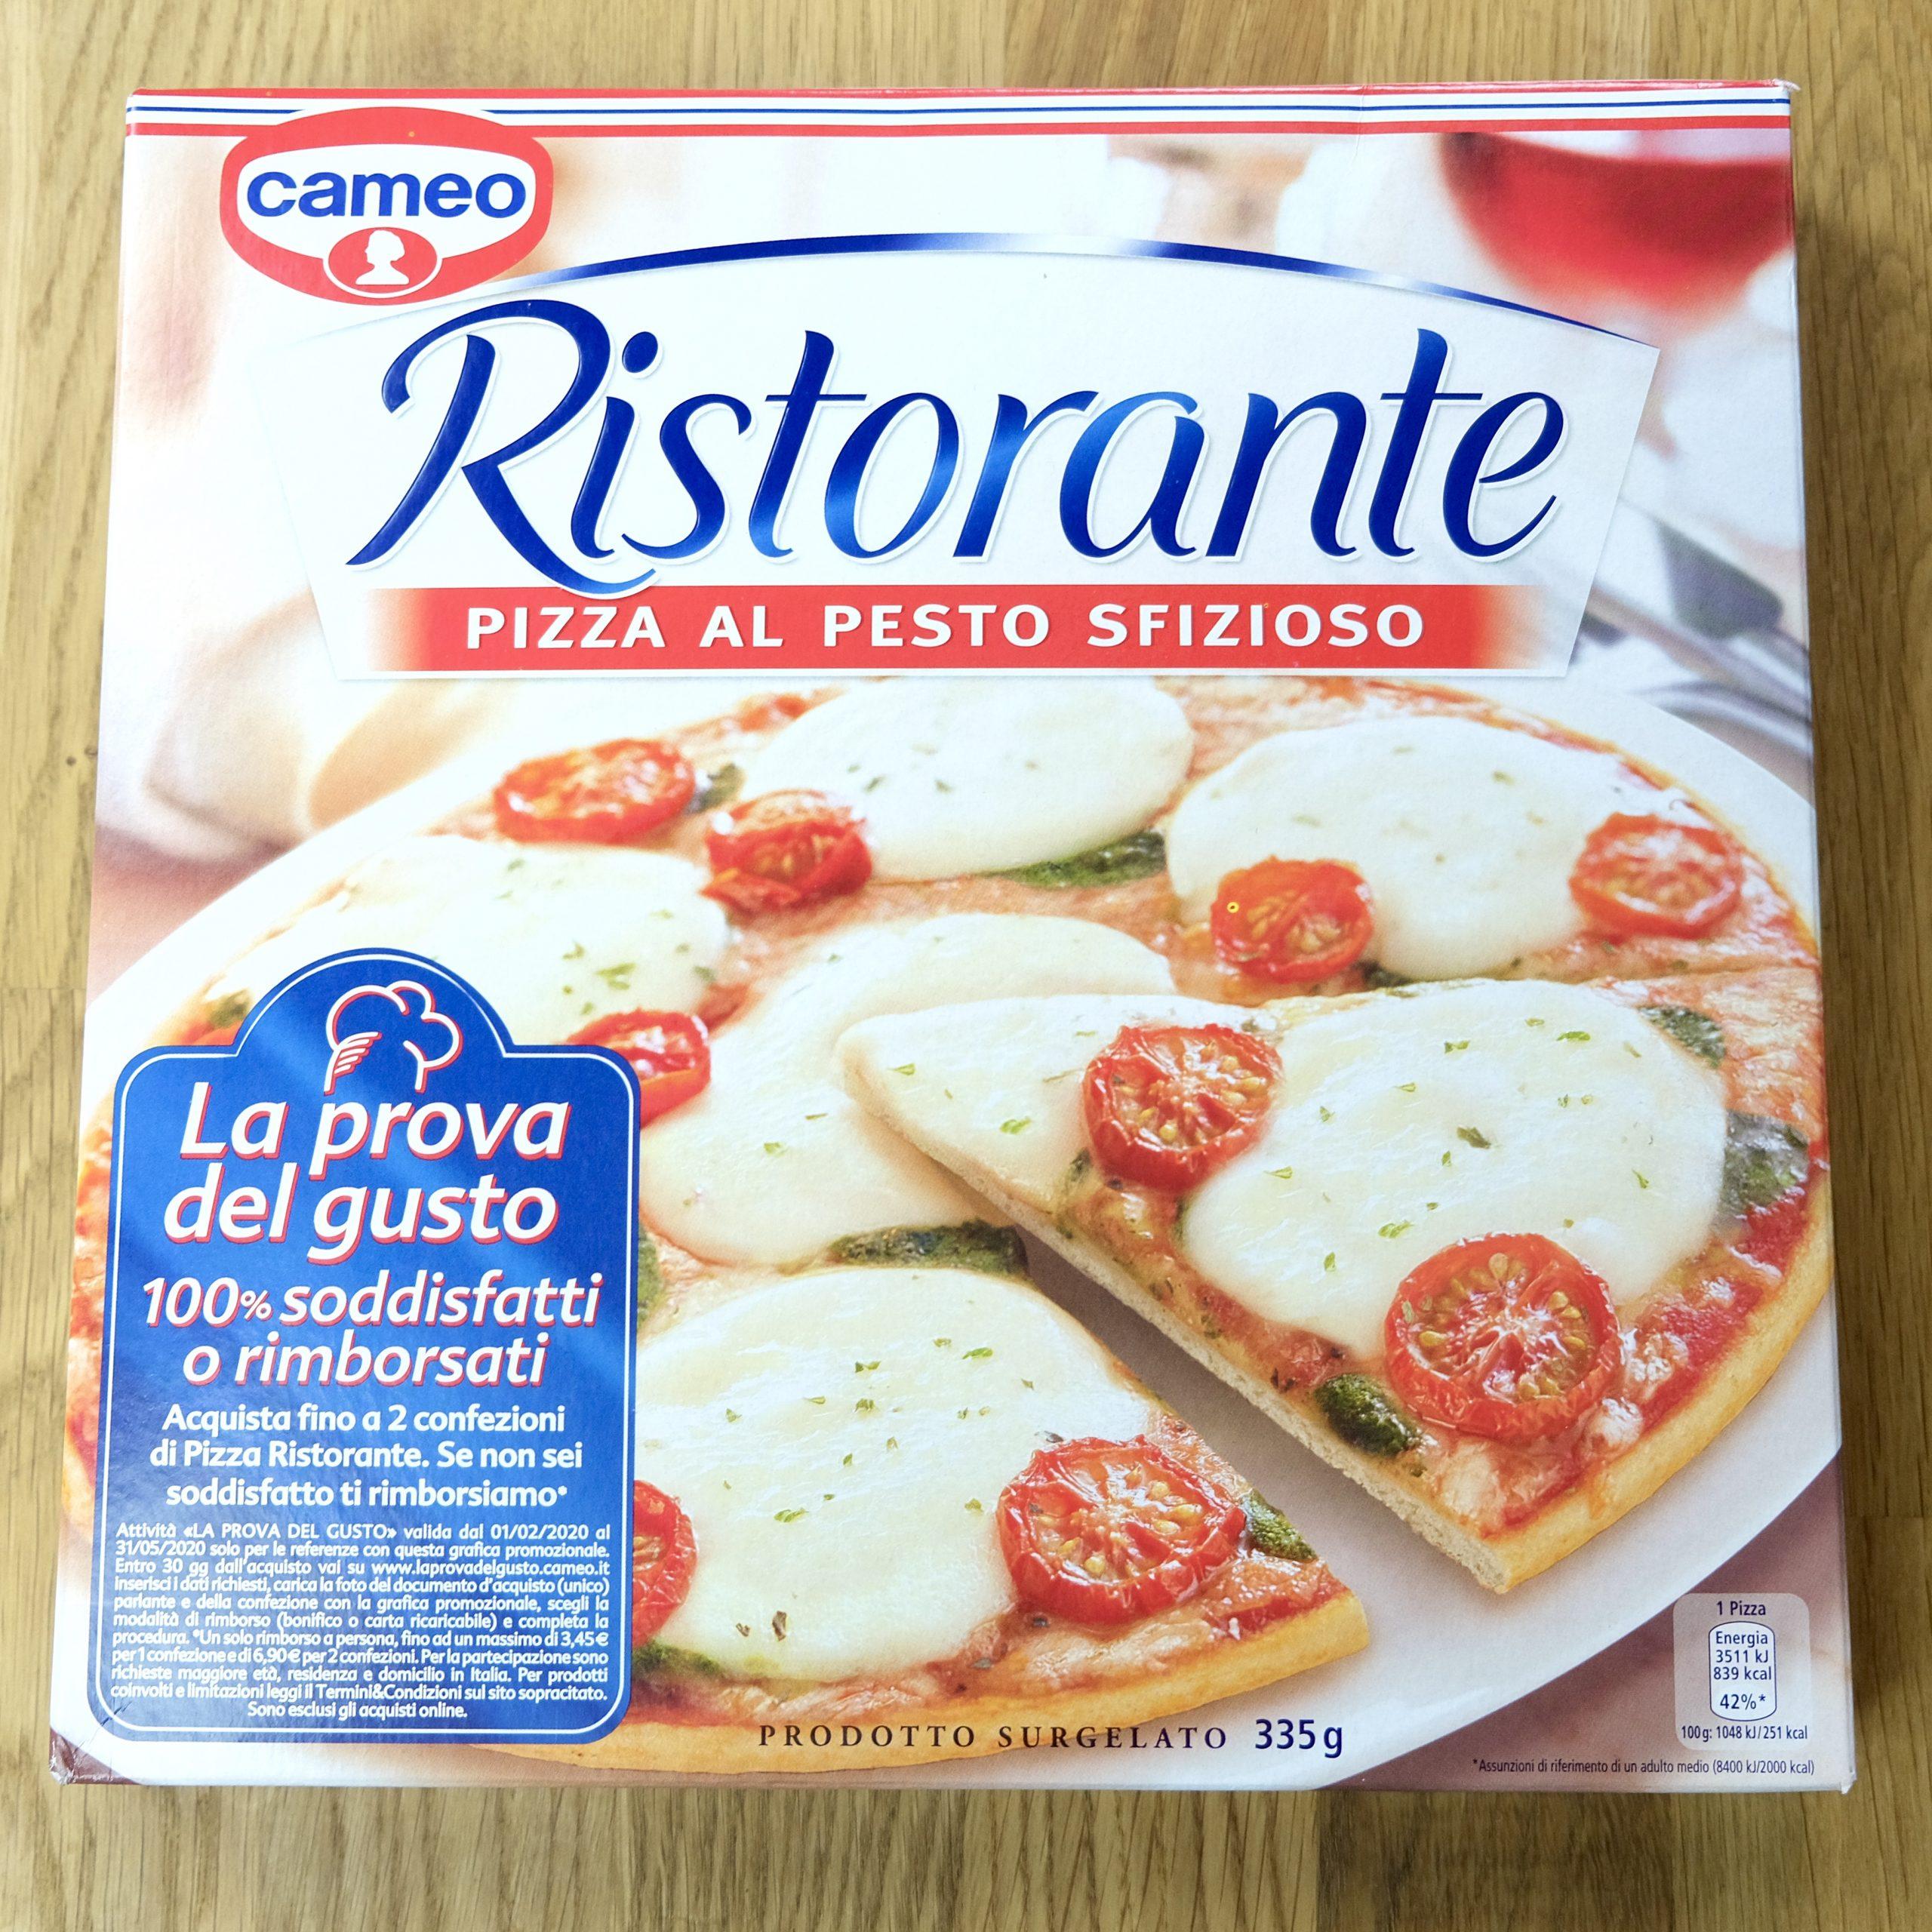 Confezione Ristorante Pizza al Pesto Sfizioso, Cameo